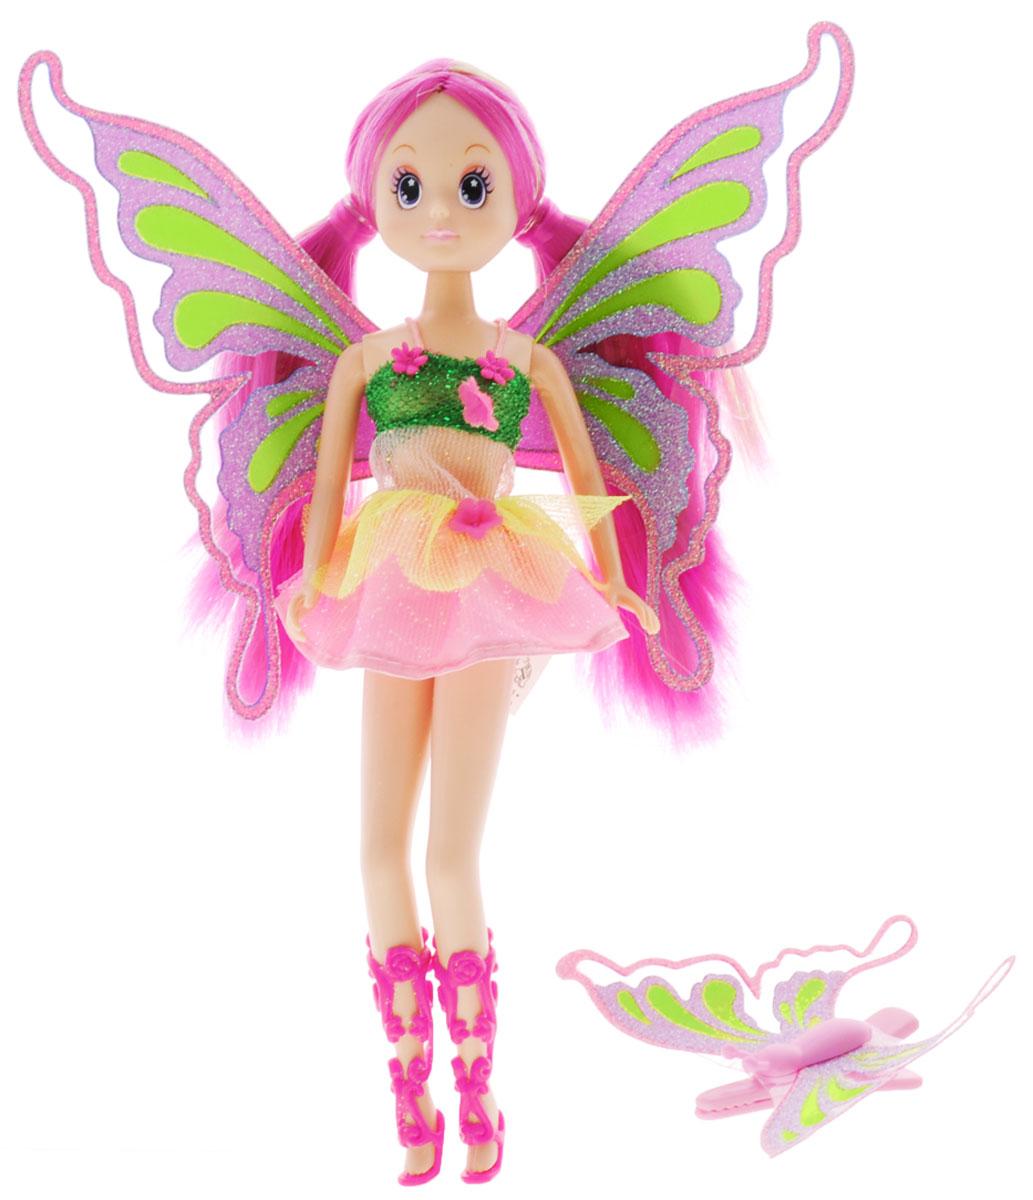 Simba Кукла Фея-бабочка цвет платья розовый зеленый5519064_лиф зеленый, юбка розоваяКукла Фея-бабочка порадует любую девочку и надолго увлечет ее. Фея выглядит просто волшебно! Она одета в короткое пышное платьице розового цвета с салатовым лифом. На ногах у куколки высокие розовые сандалии. Образ феи дополняют прозрачные блестящие крылышки, а розовые с зеленым волосы убраны в два симпатичных хвостика. Вашей дочурке непременно понравится заплетать длинные волосы куклы, придумывая разнообразные прически. В комплекте с куклой имеется подарок для ее маленькой хозяйки - розовая заколка для волос с крылышками, как у настоящей бабочки! Руки, ноги и голова куклы подвижны, благодаря чему ей можно придавать разнообразные позы. Игры с куклой способствуют эмоциональному развитию, помогают формировать воображение и художественный вкус, а также разовьют в вашей малышке чувство ответственности и заботы. Великолепное качество исполнения делают эту куколку чудесным подарком к любому празднику.